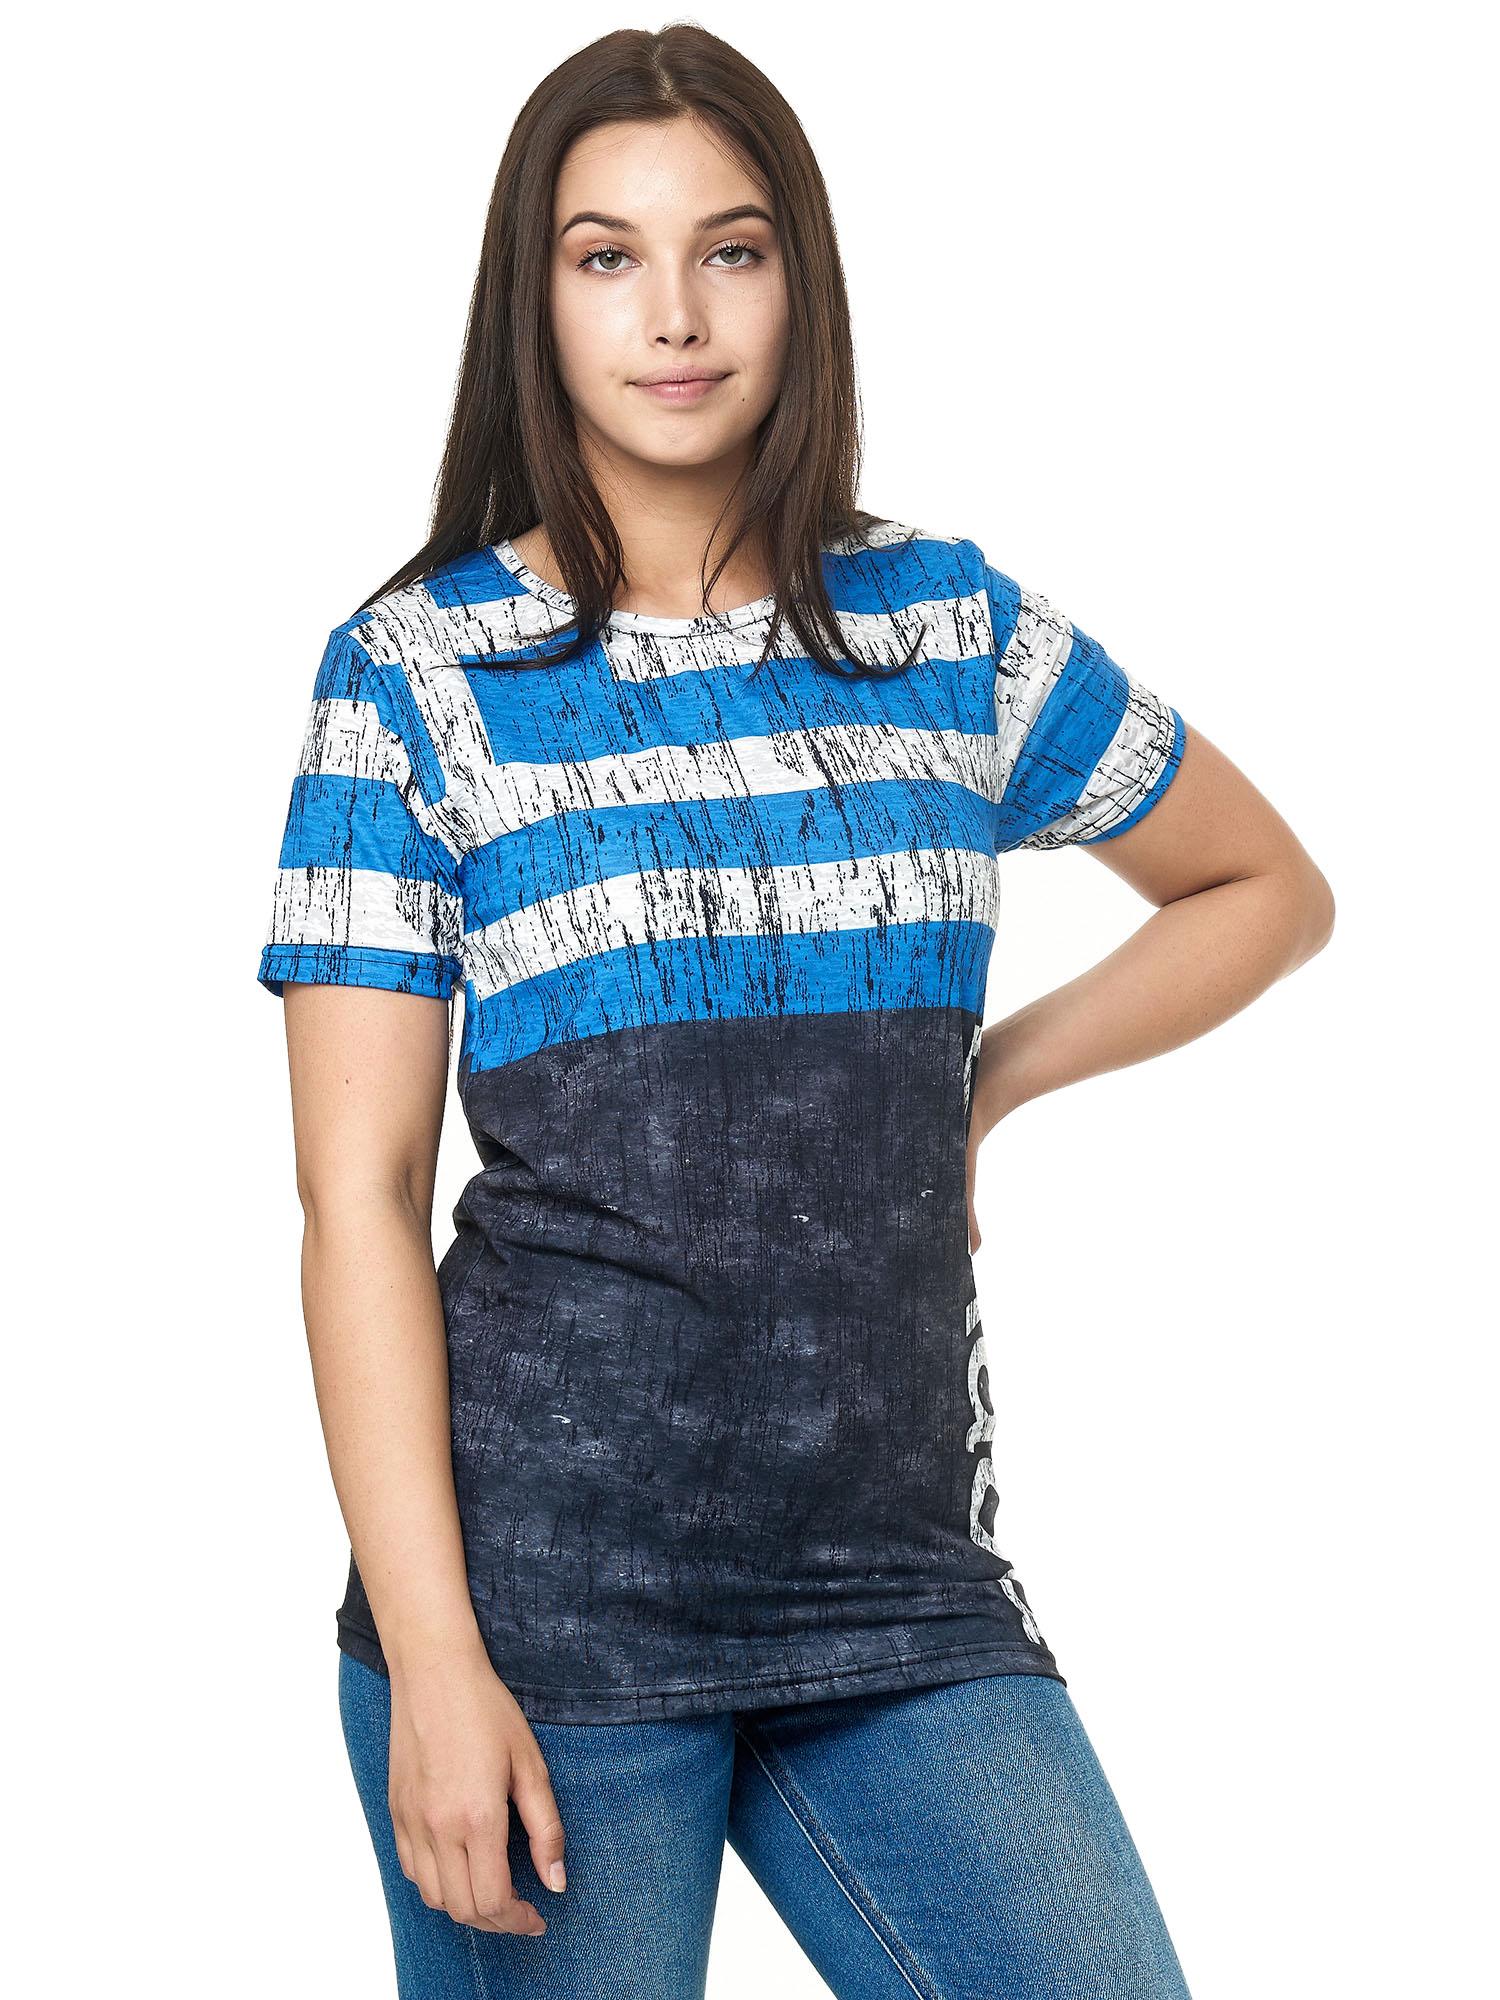 Paesi-da-Donna-T-shirt-A-Maniche-Corte-Girocollo-donne-CALCIO-Fanshirt-John-Kayna miniatura 53